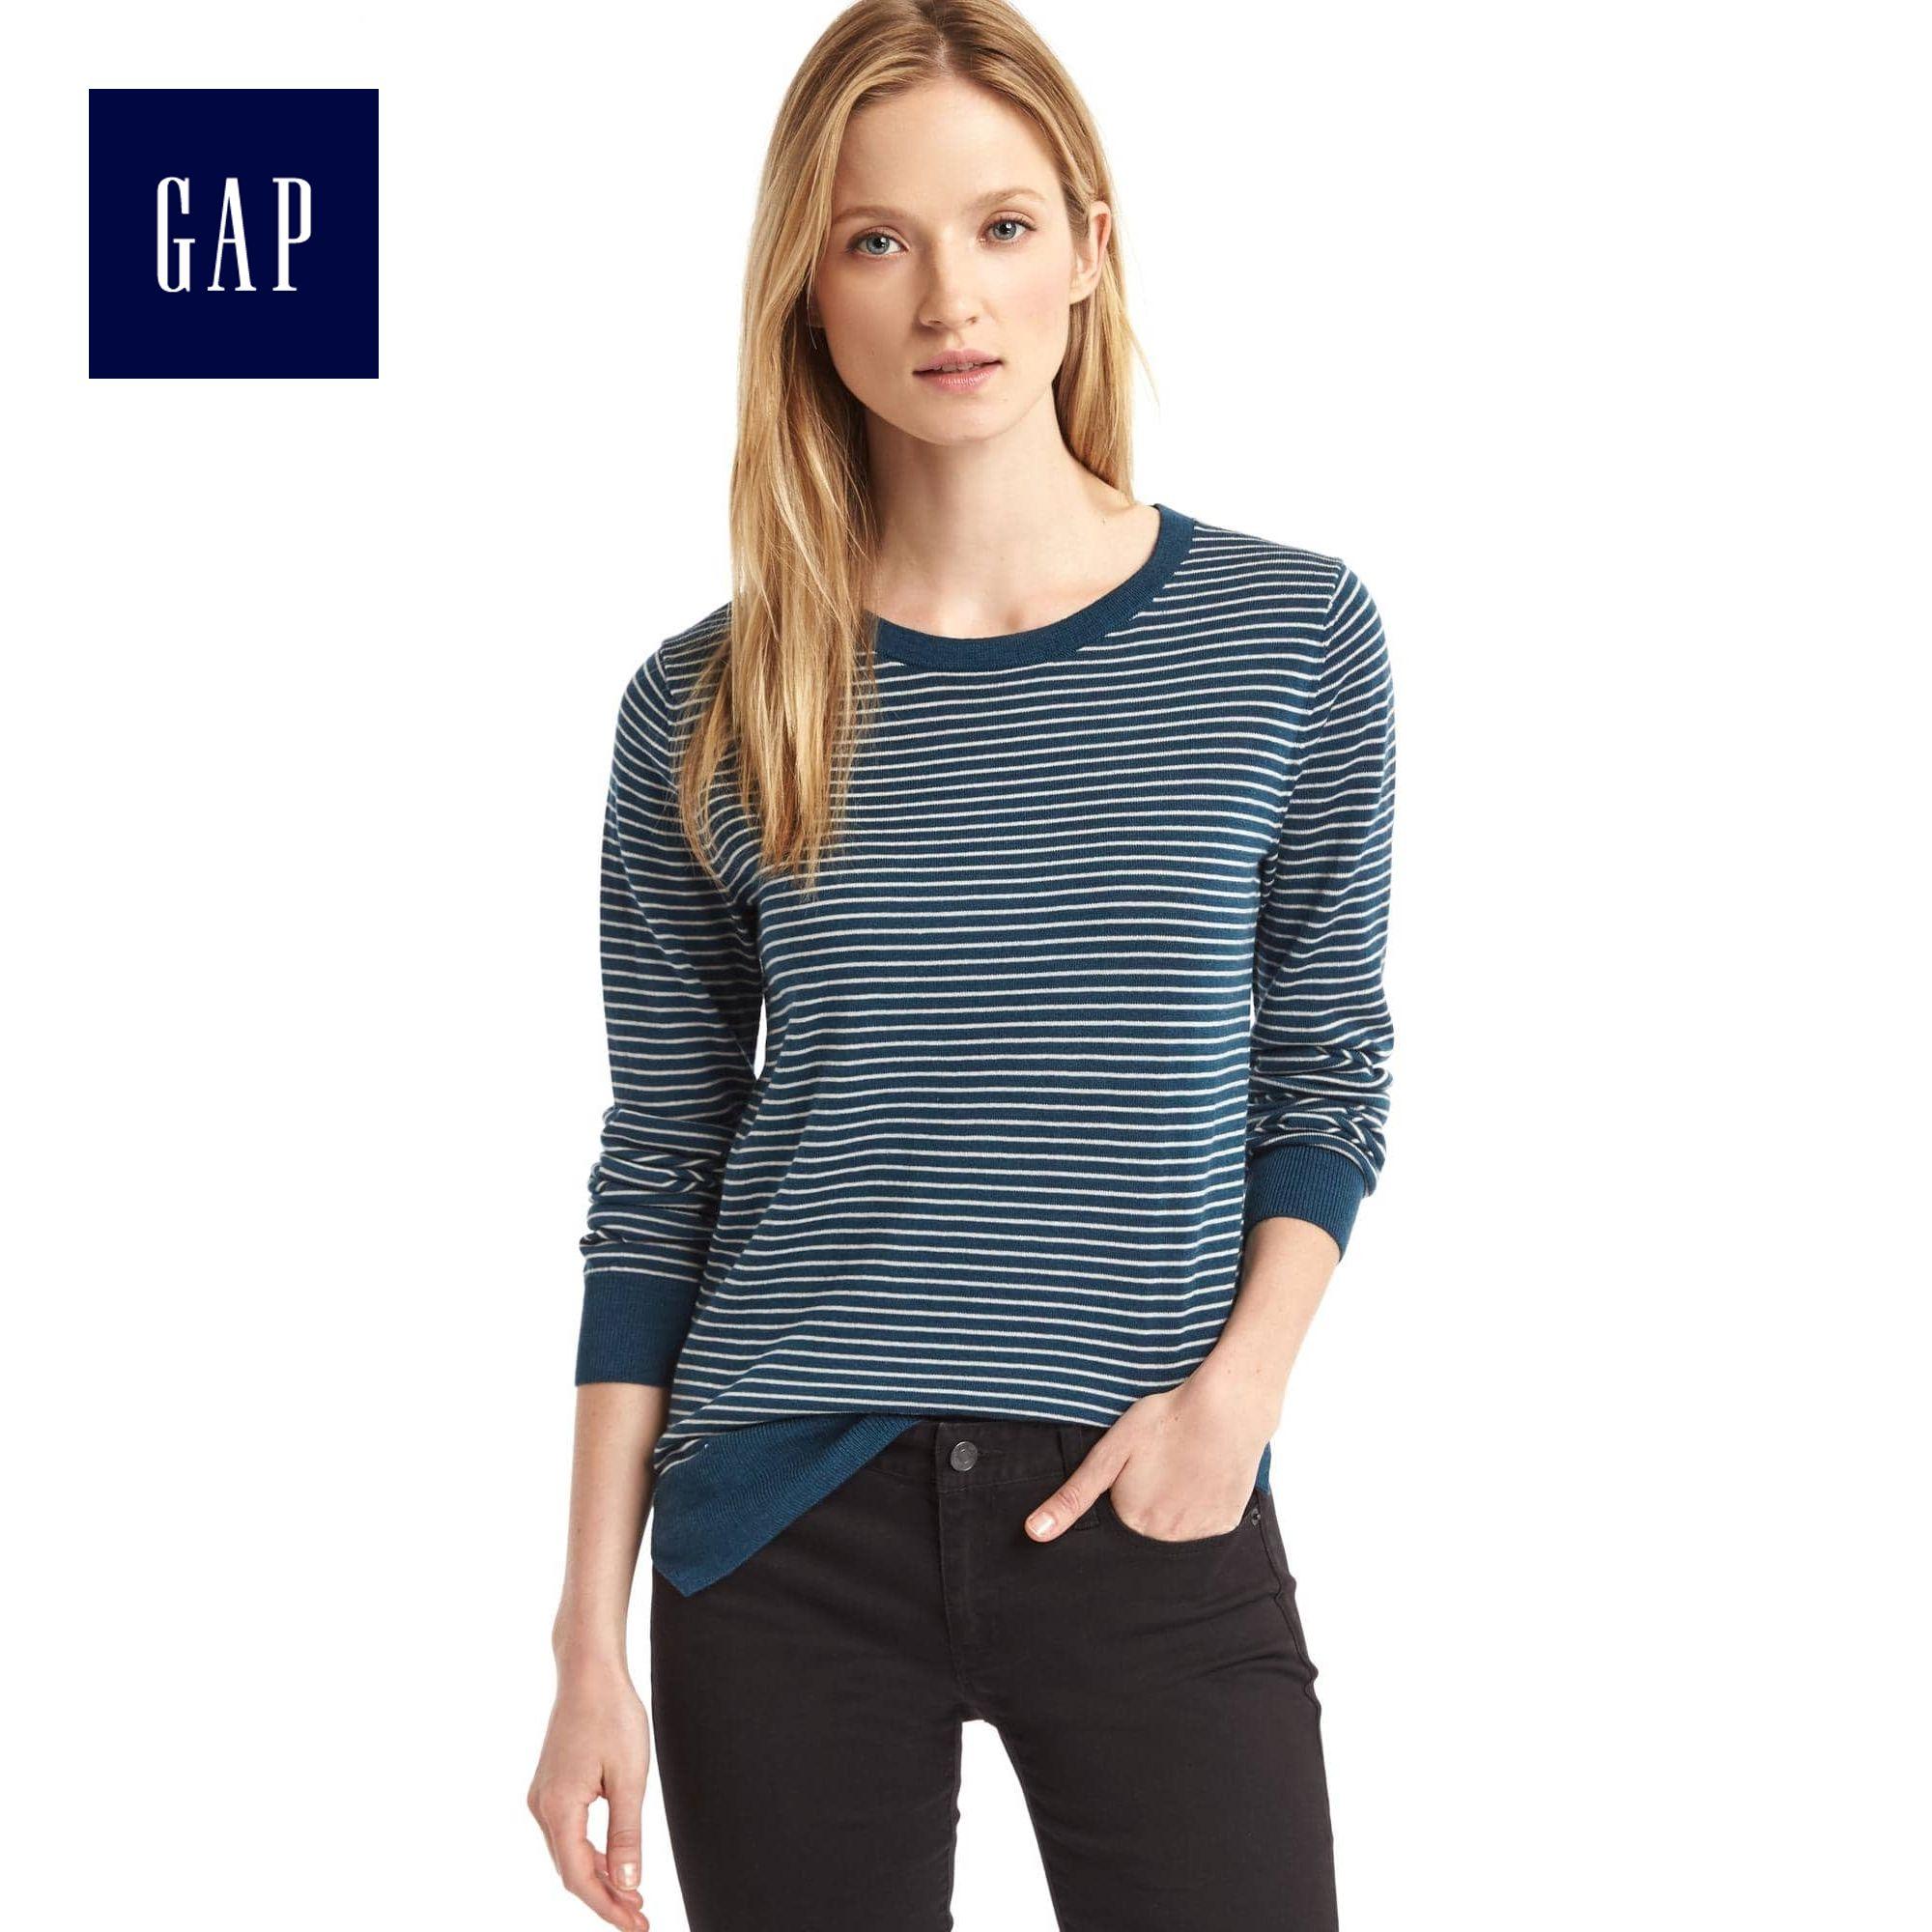 Gap女裝 美利奴純羊毛條紋元素圓領毛衣 套頭打底衫女 325525